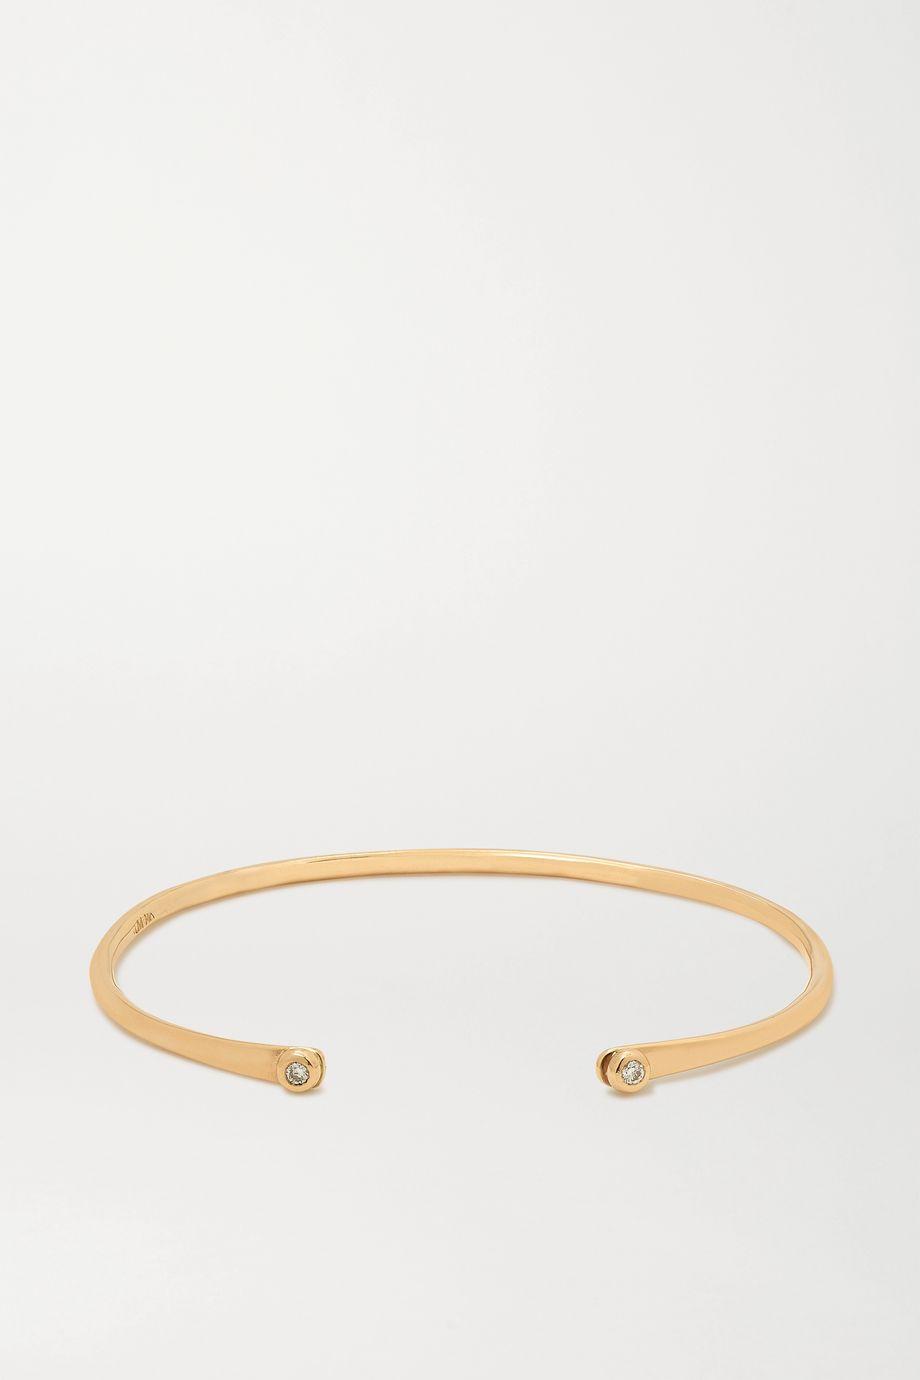 Melissa Joy Manning + NET SUSTAIN 14-karat gold diamond cuff